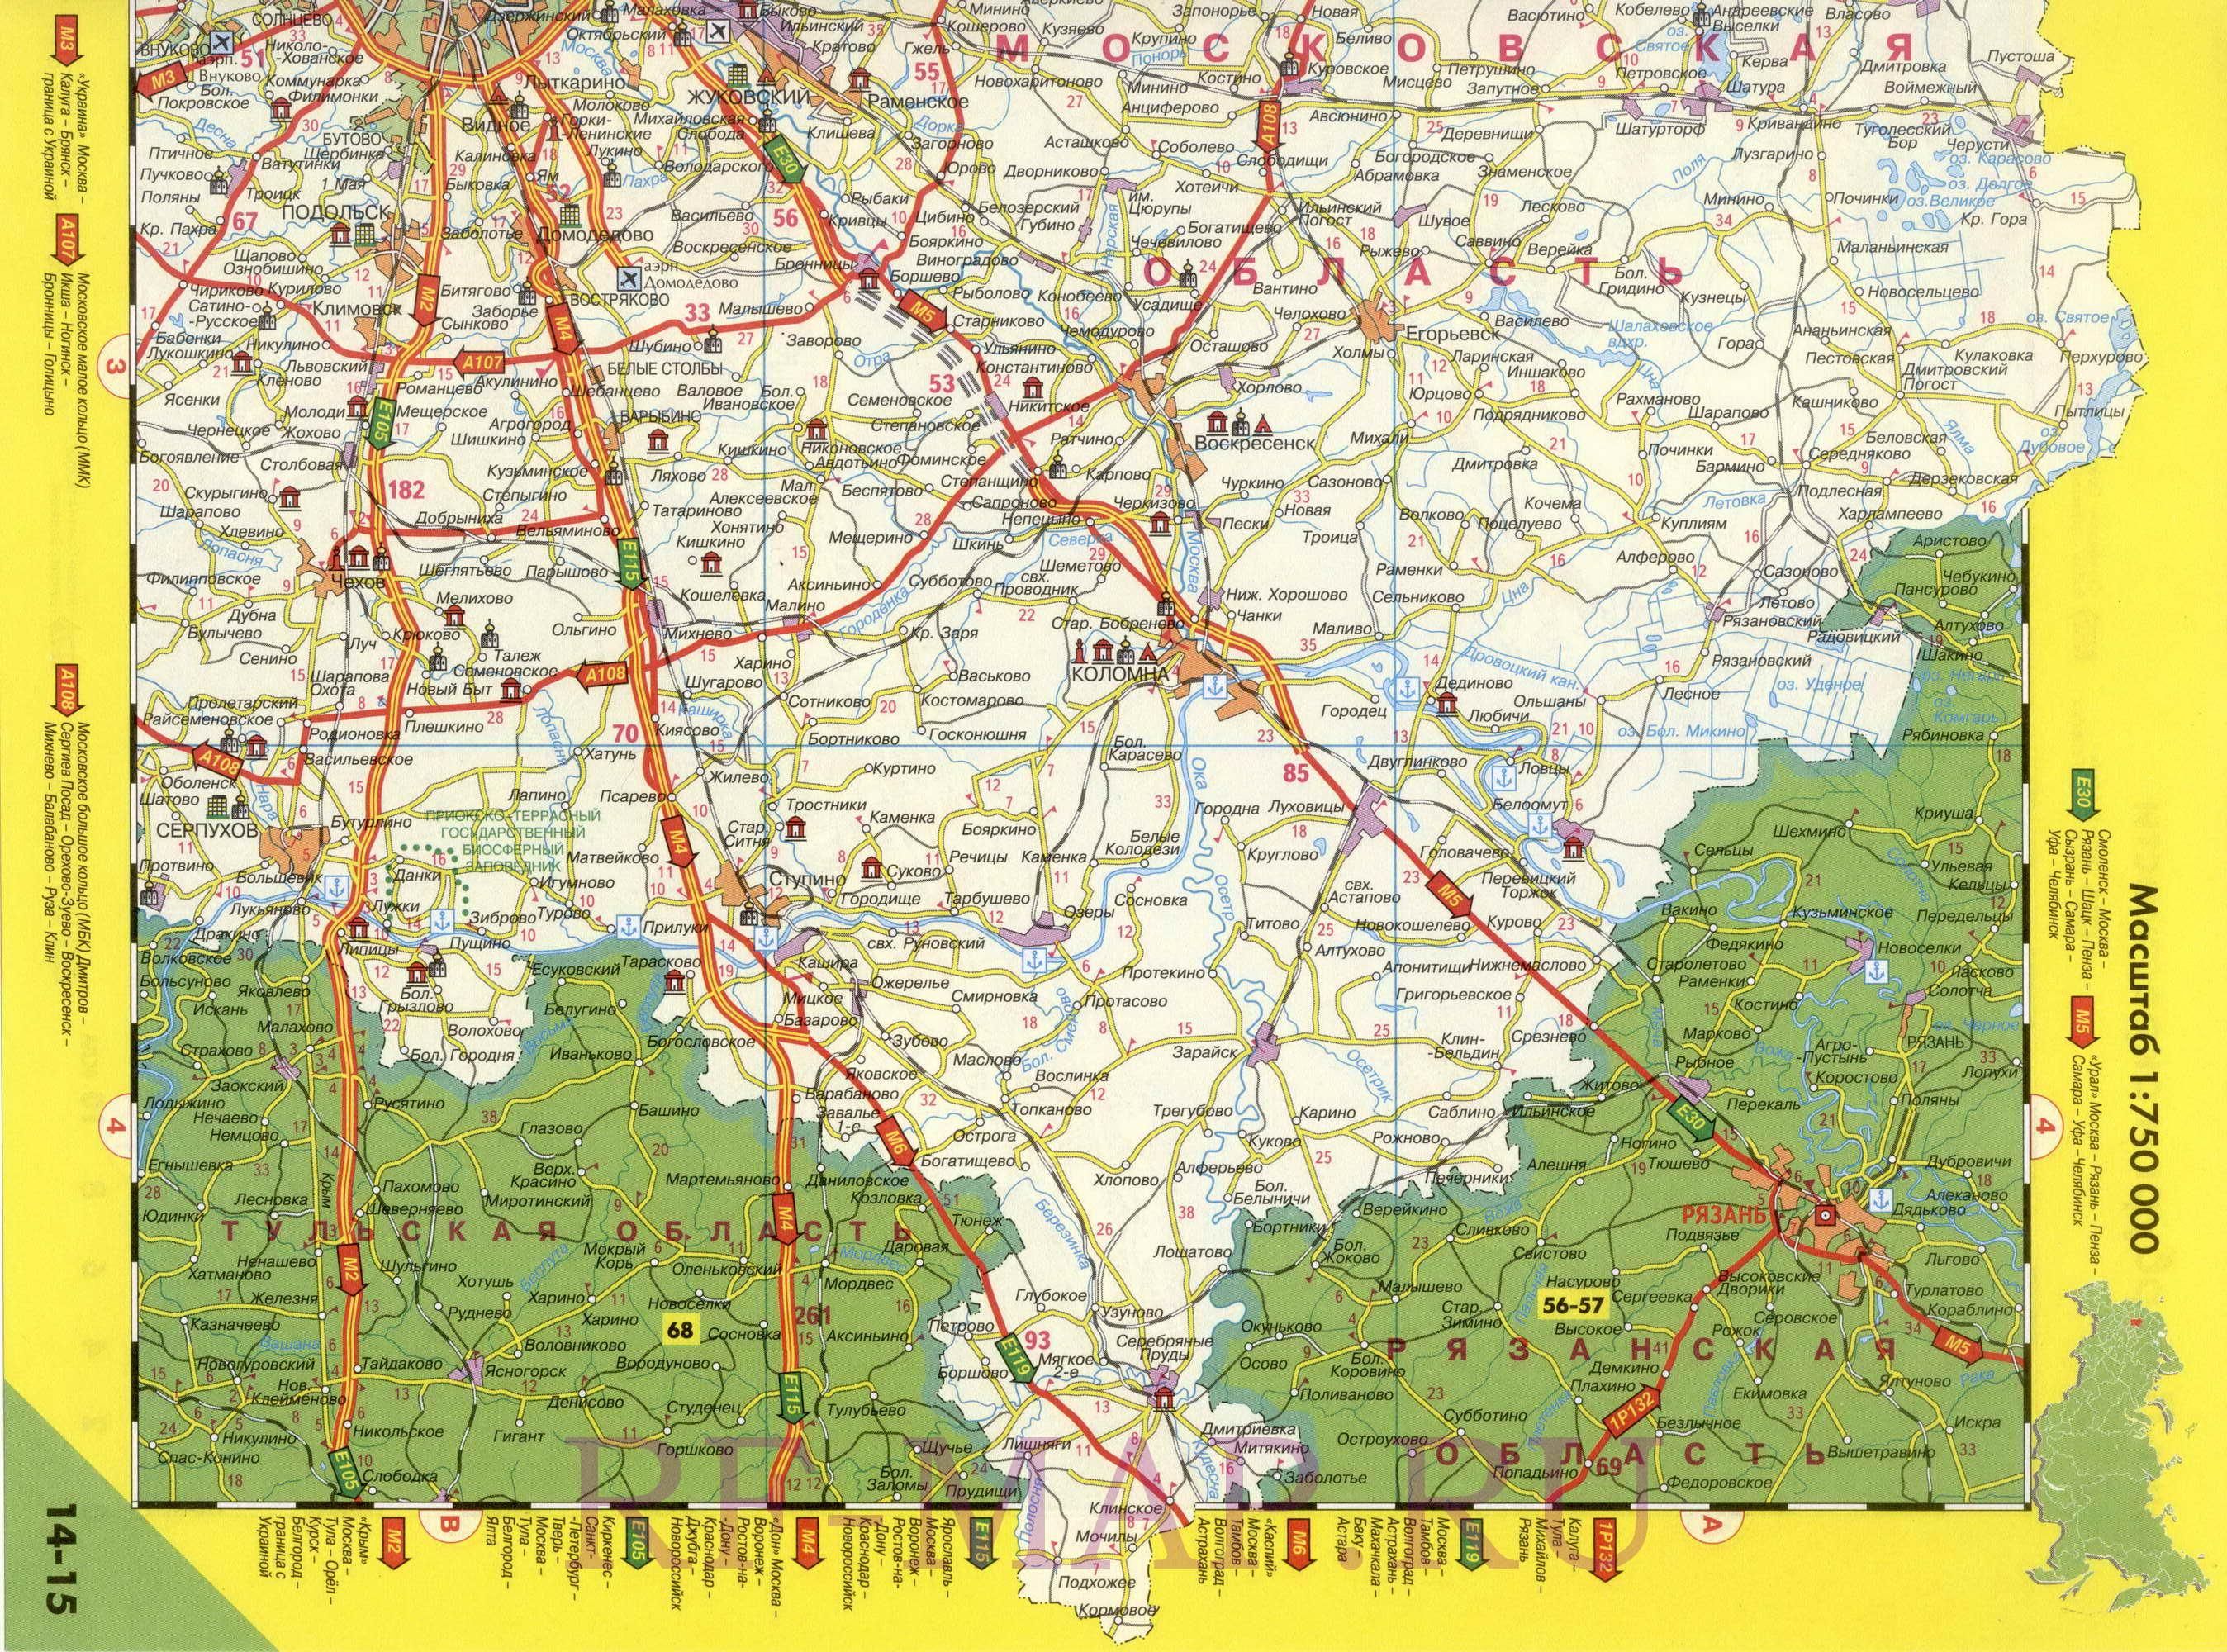 Скачать карту московской области на компьютер